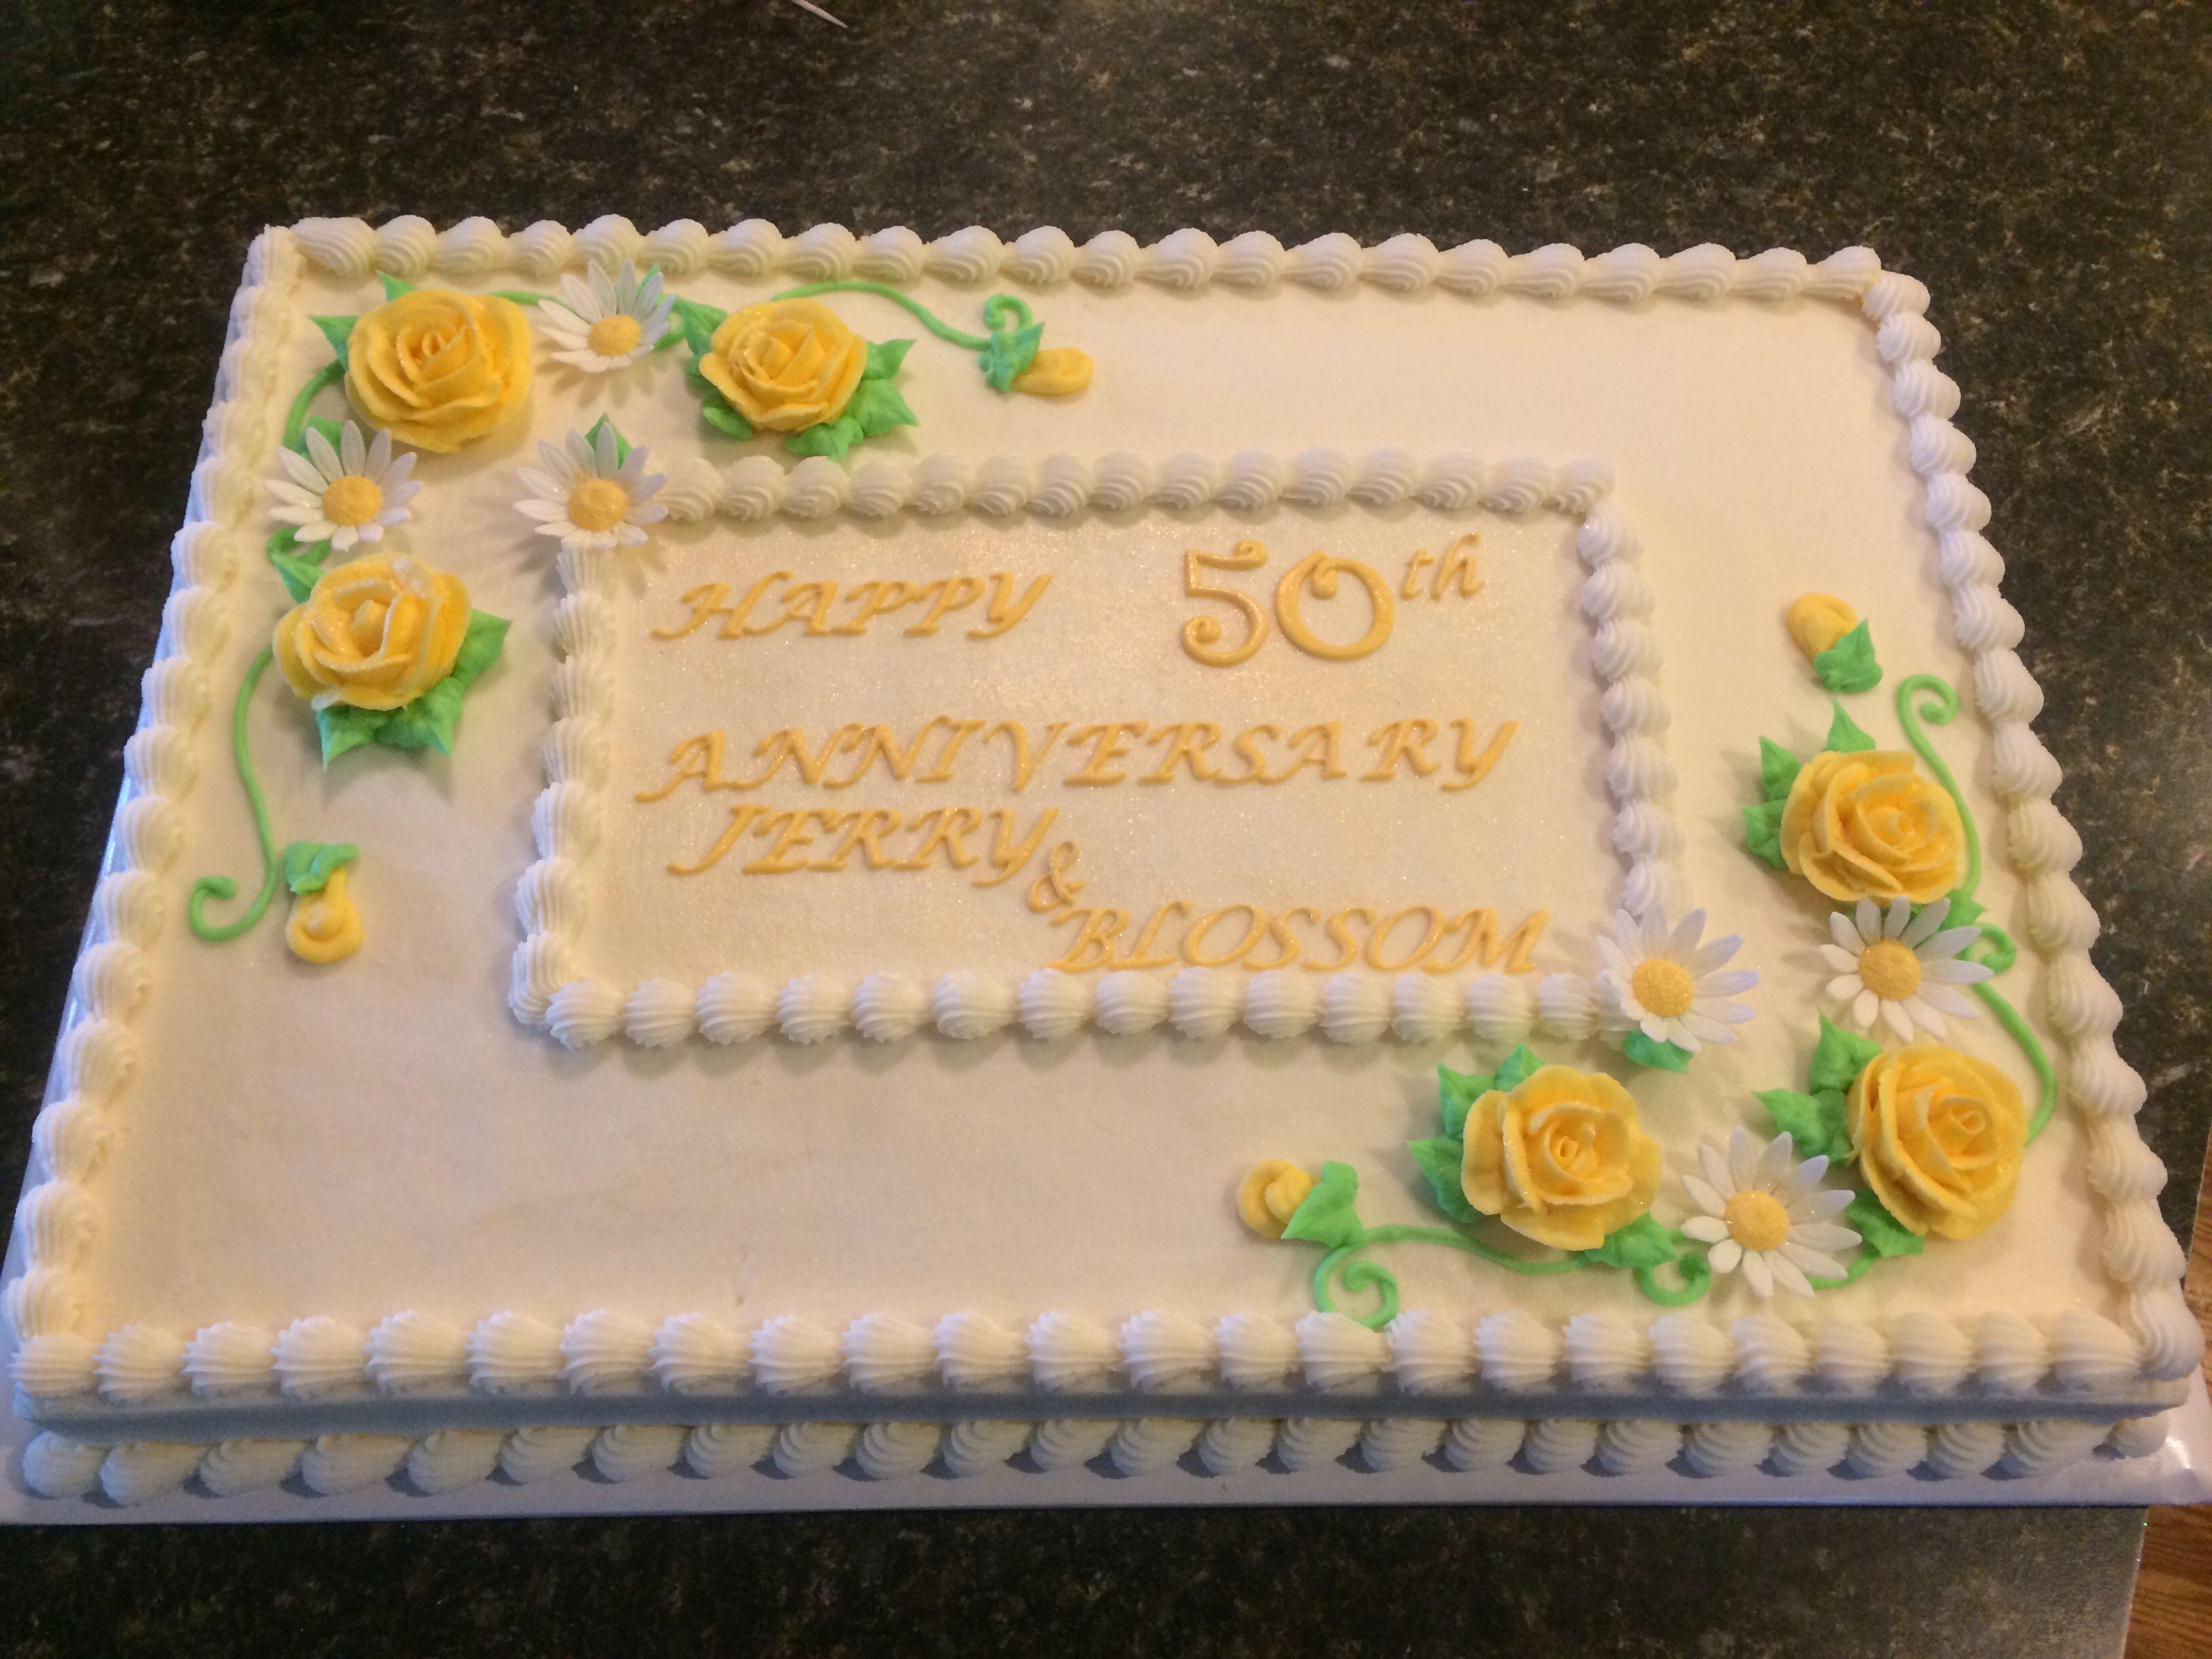 Costco Cakes Prices